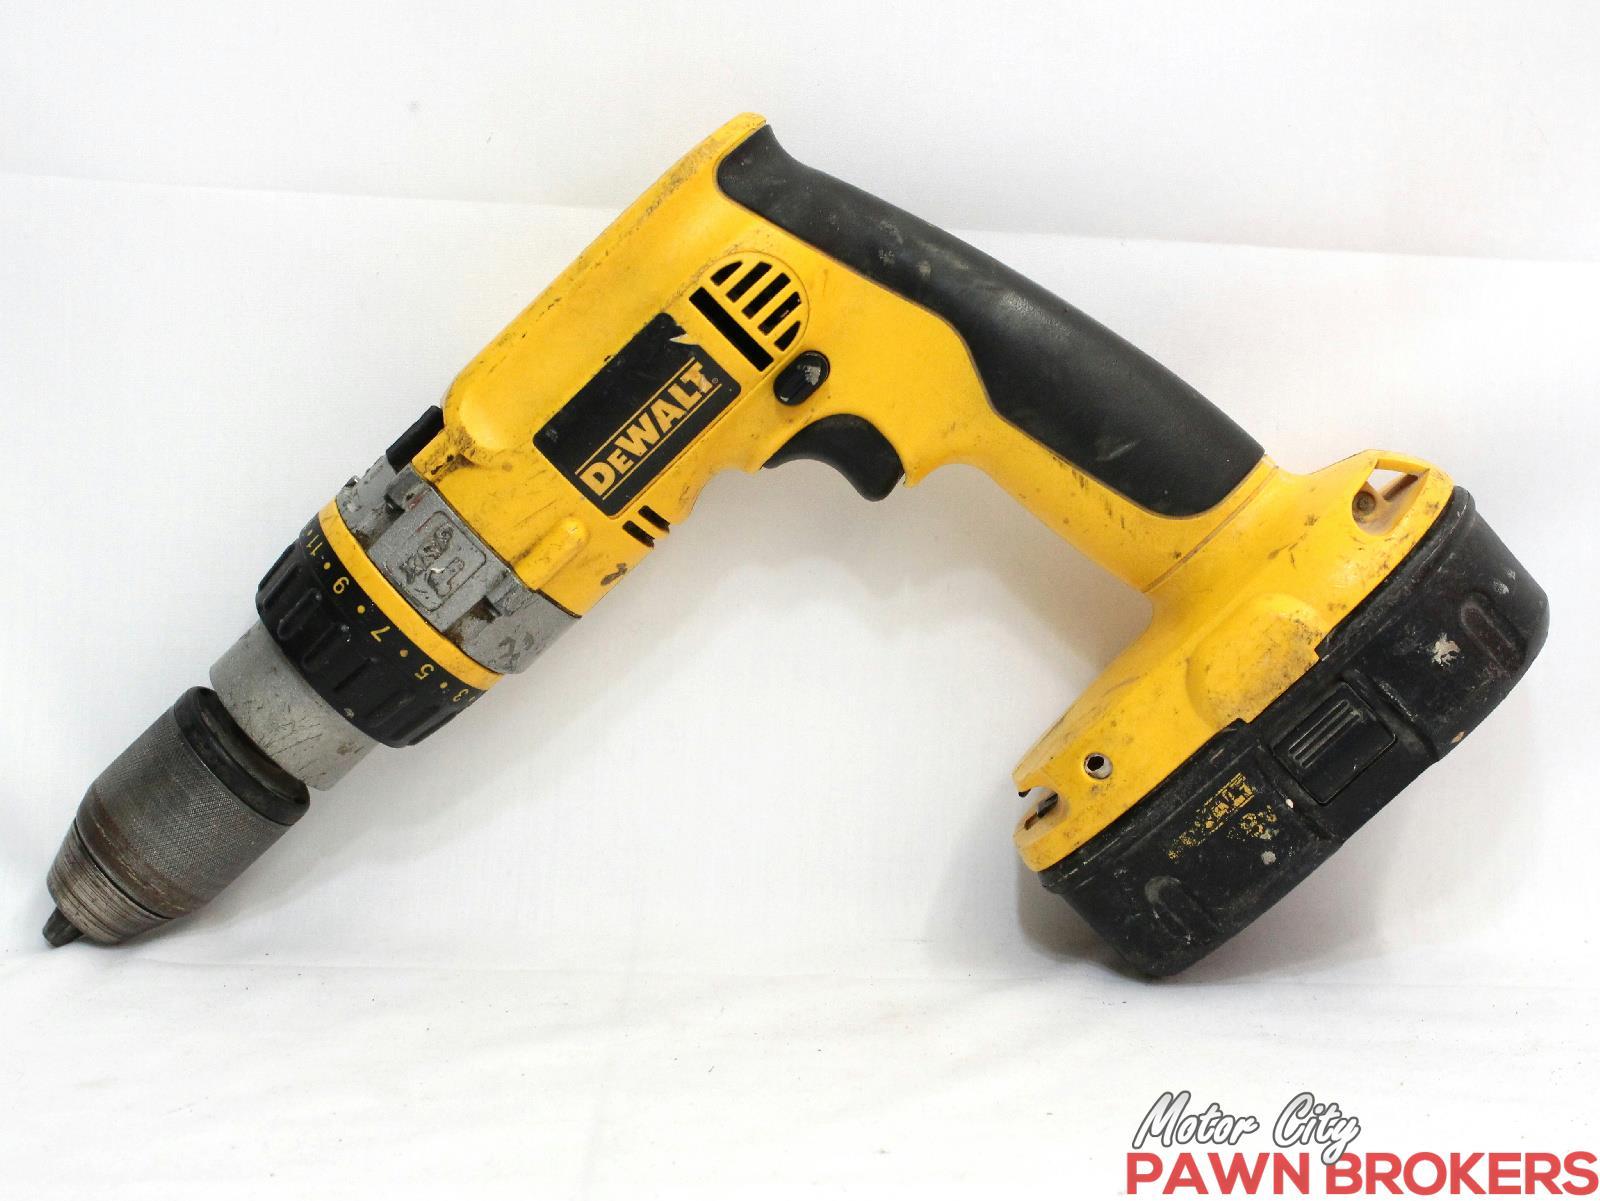 dewalt dw989 xrp 18v 1 2 cordless hammer drill. Black Bedroom Furniture Sets. Home Design Ideas